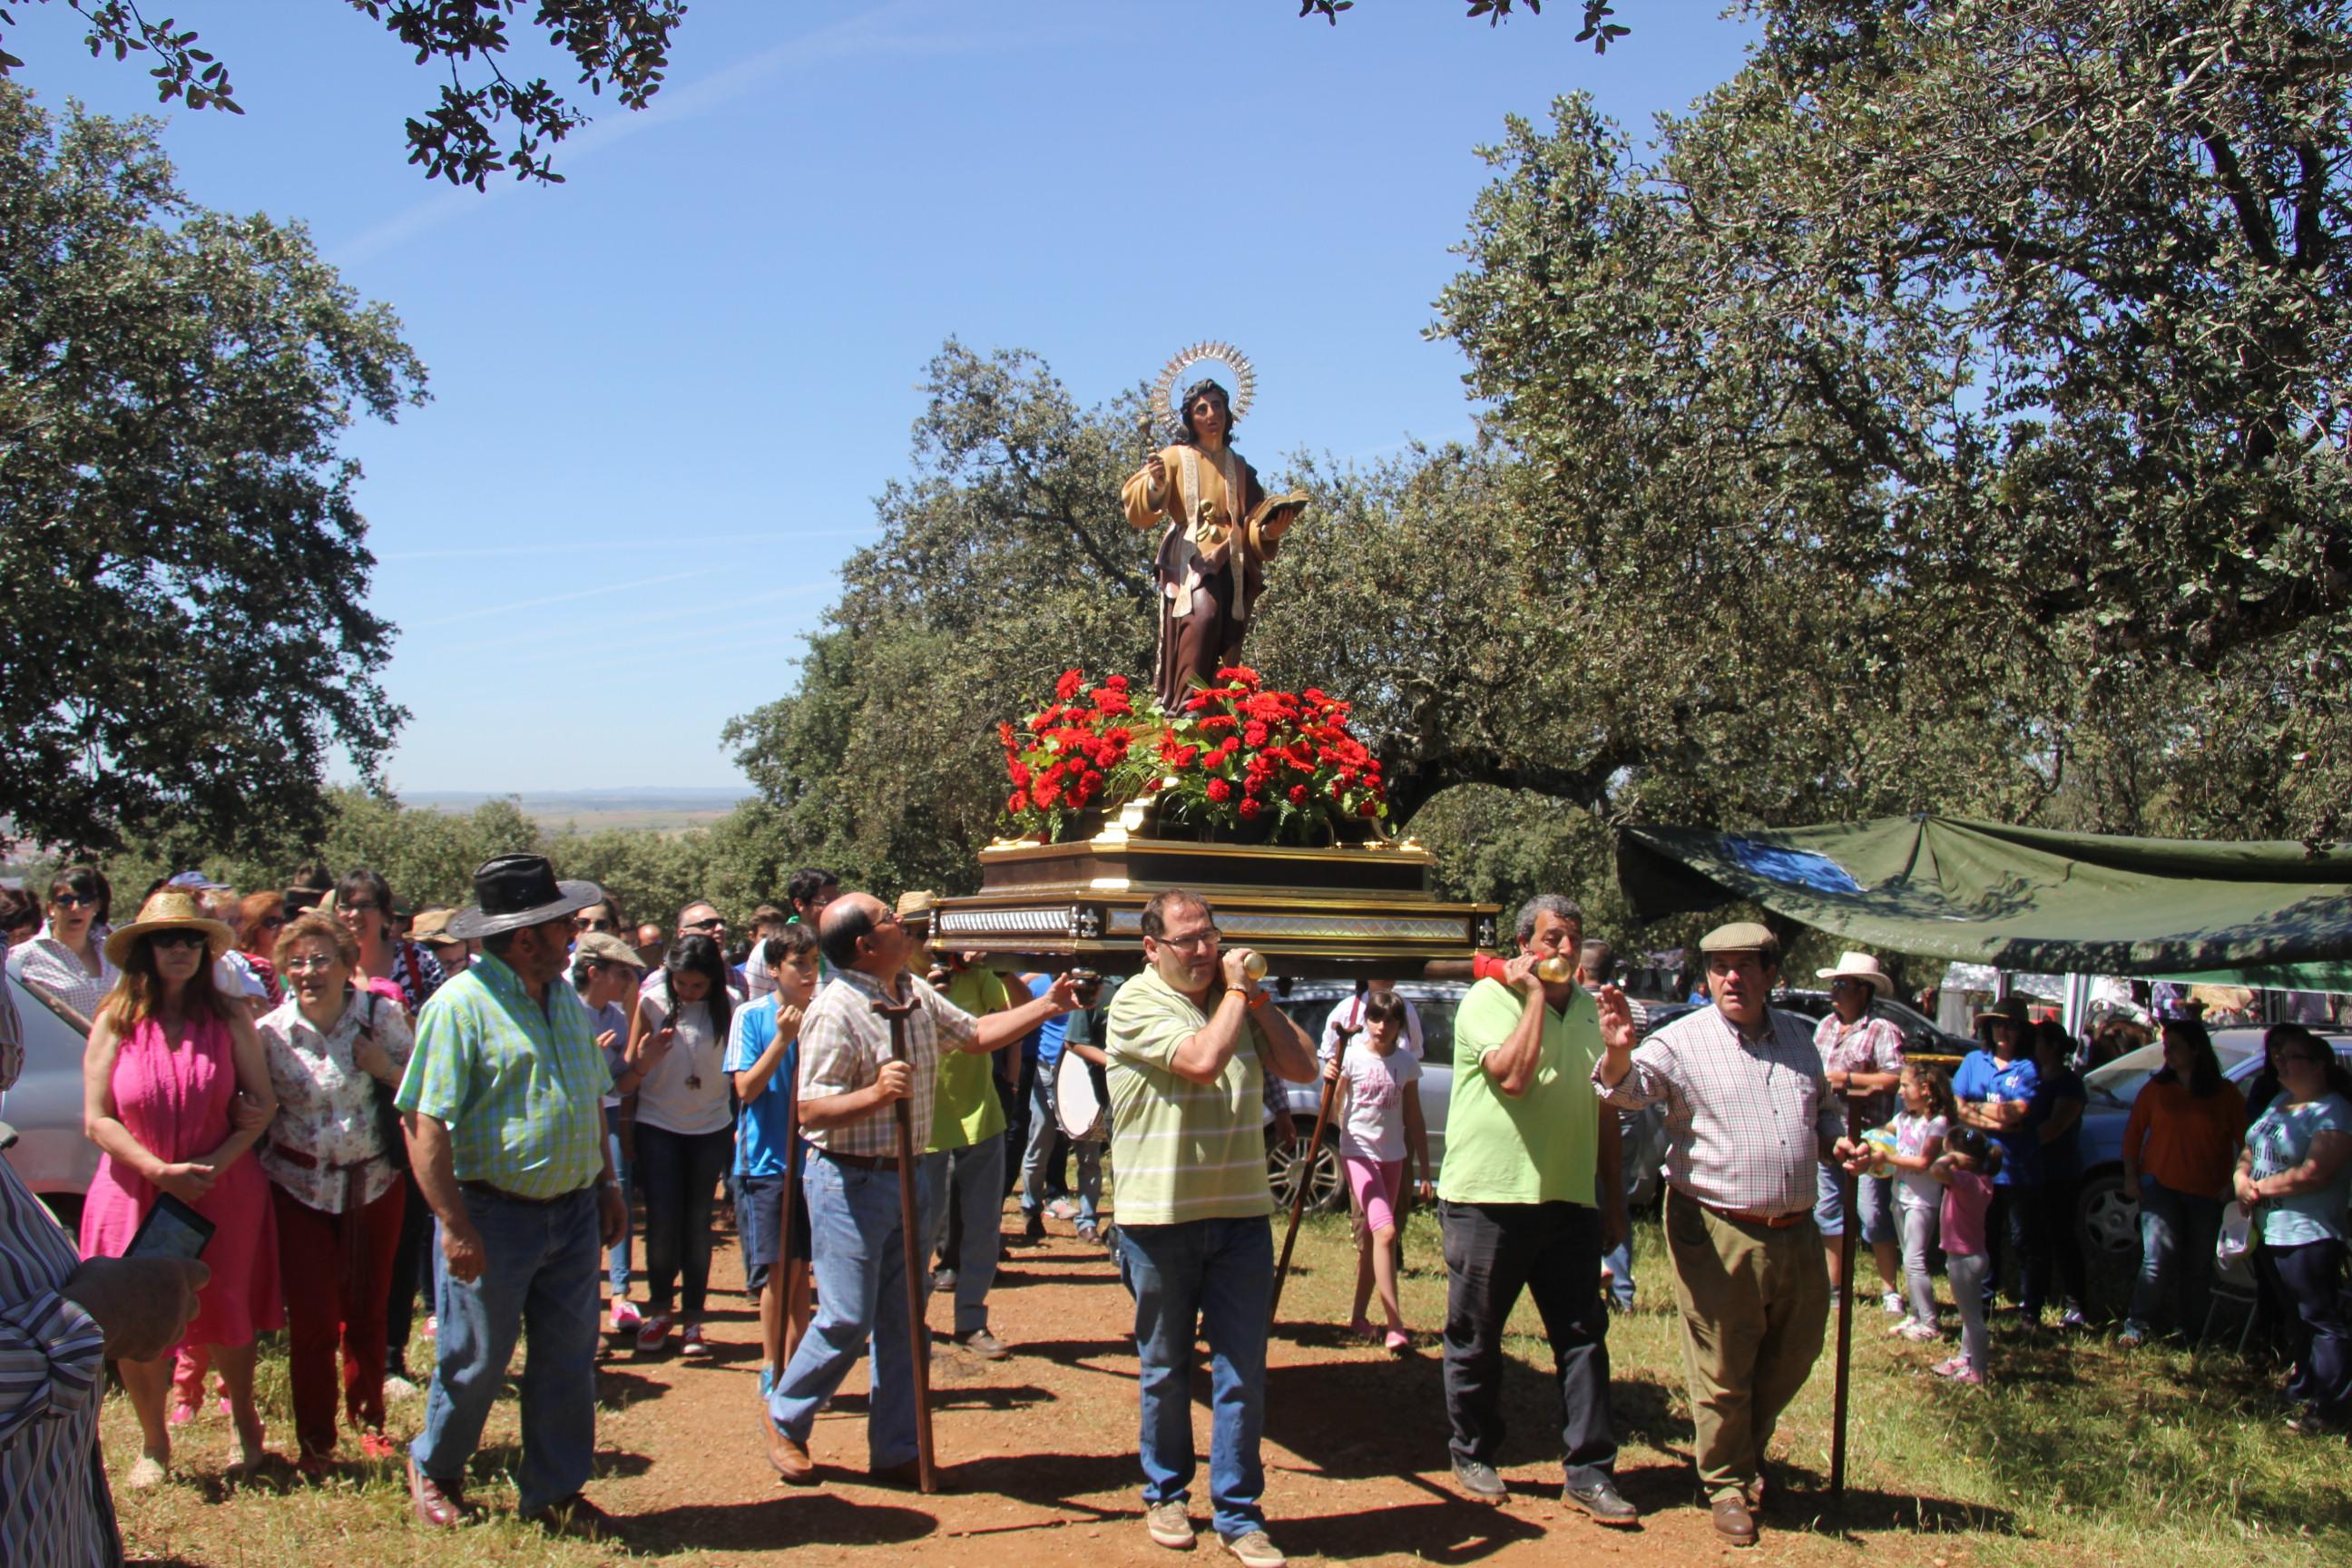 Romería de San Ginés (Carterowen), 04-05-14